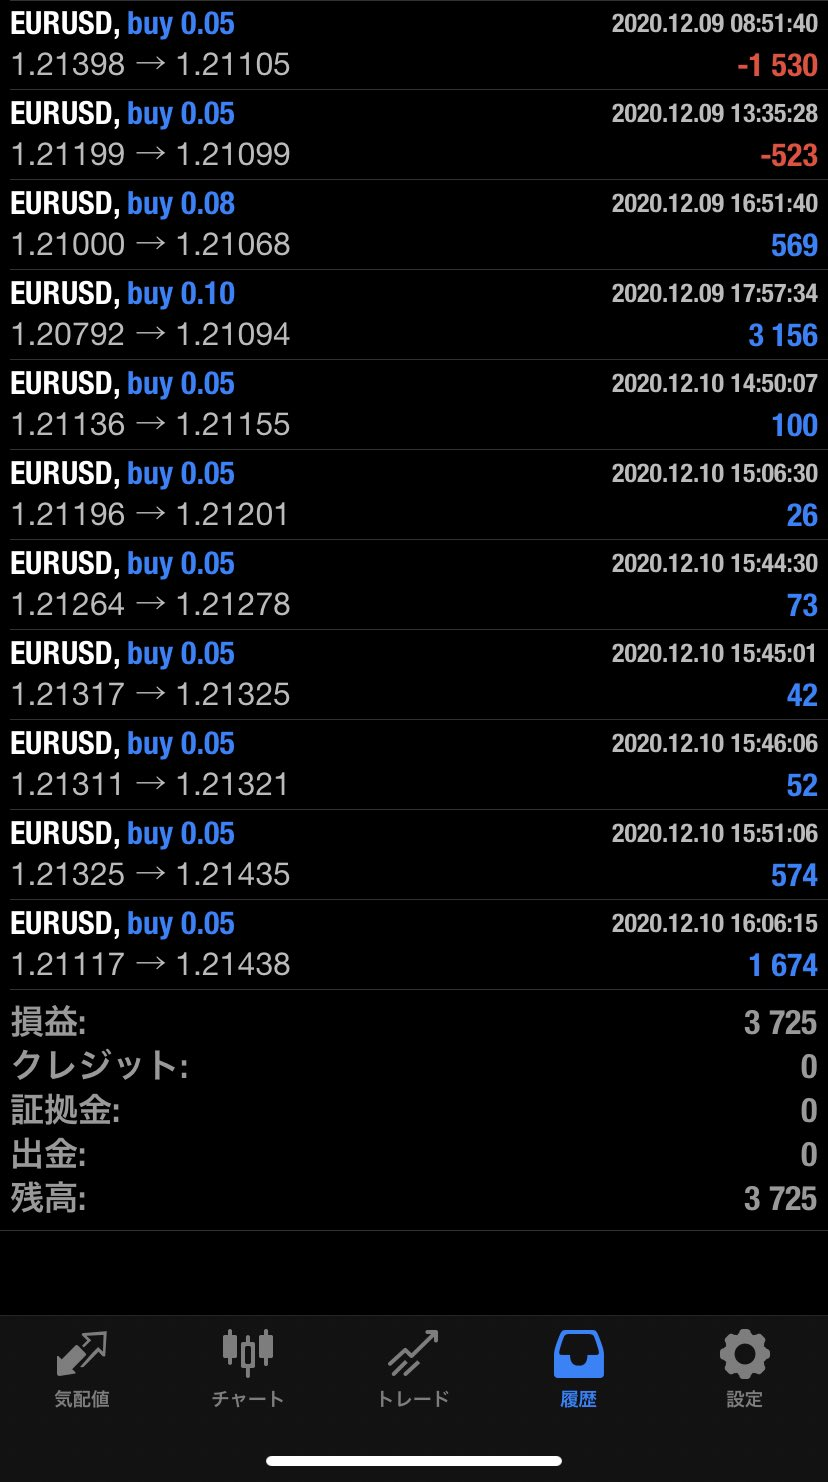 2020年12月10日 EUR/USDバージョン3,725円